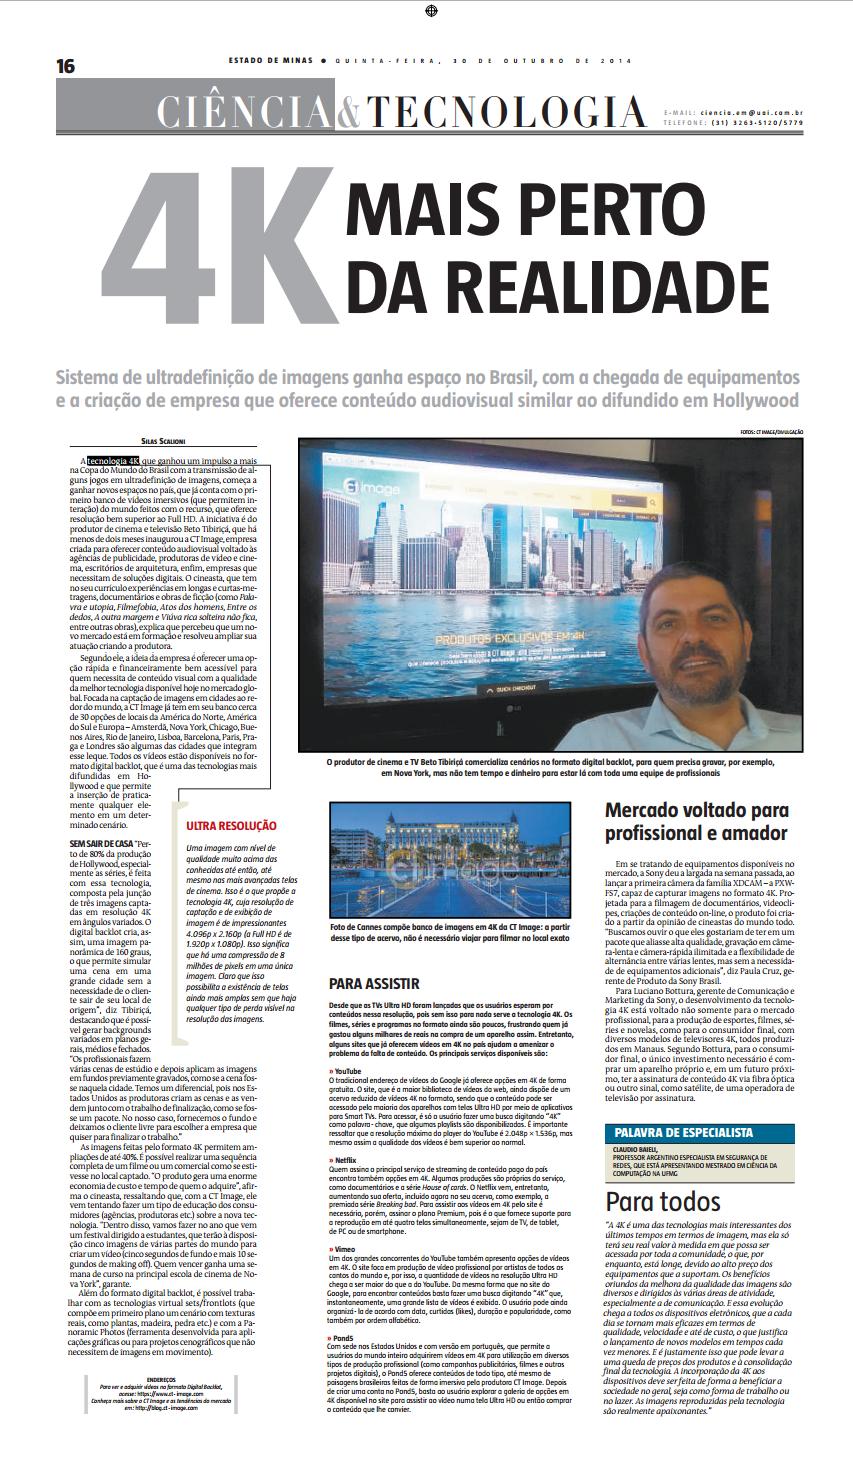 Estado de Minas - 30-10-2014